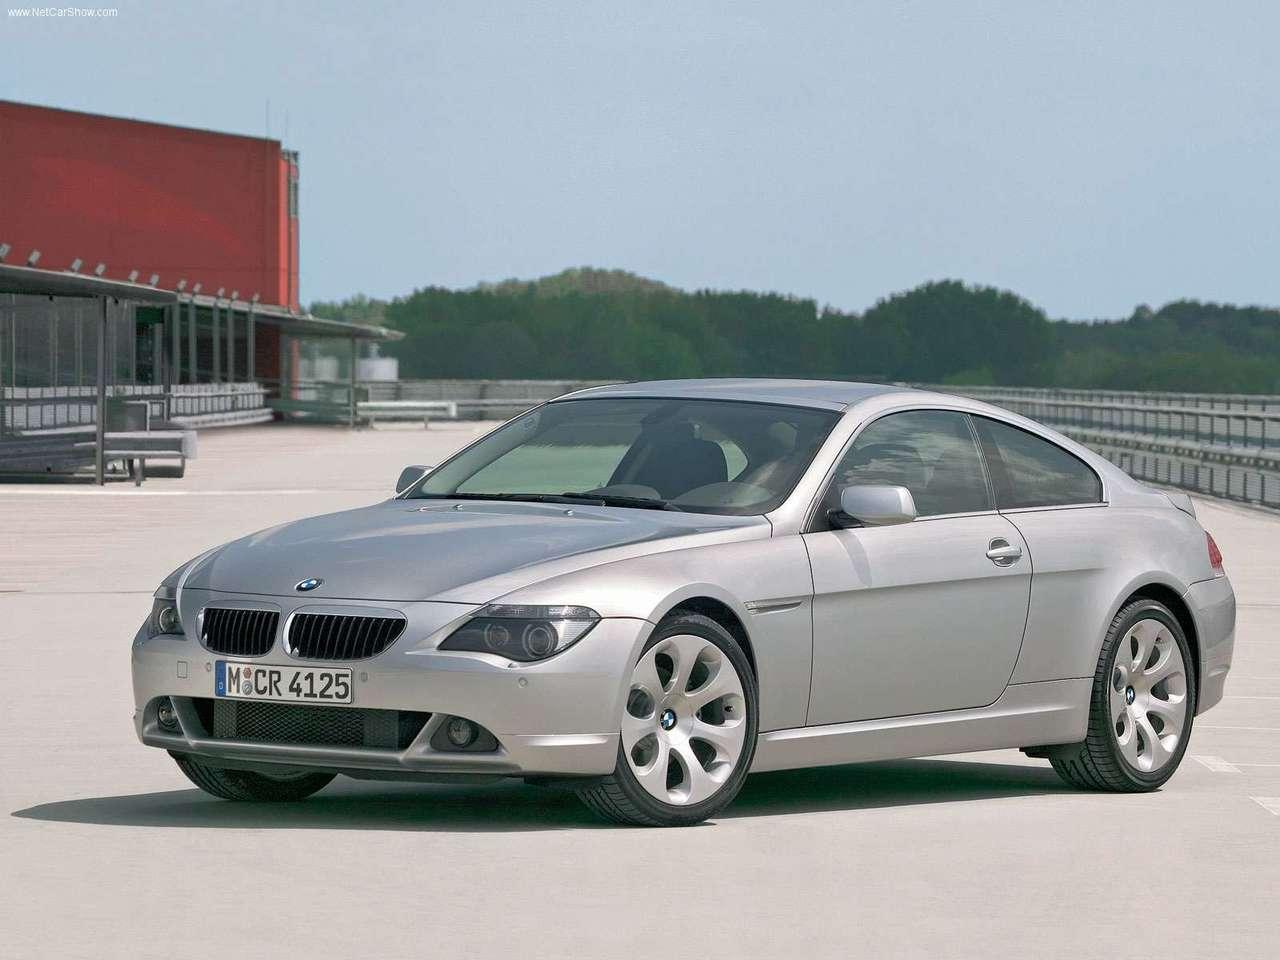 http://1.bp.blogspot.com/_vPMjJG-enrk/TAOVLegCSWI/AAAAAAAACk8/Y3tQ_CsJZhA/s1600/BMW-630i_2005_1280x960_wallpaper_01.jpg